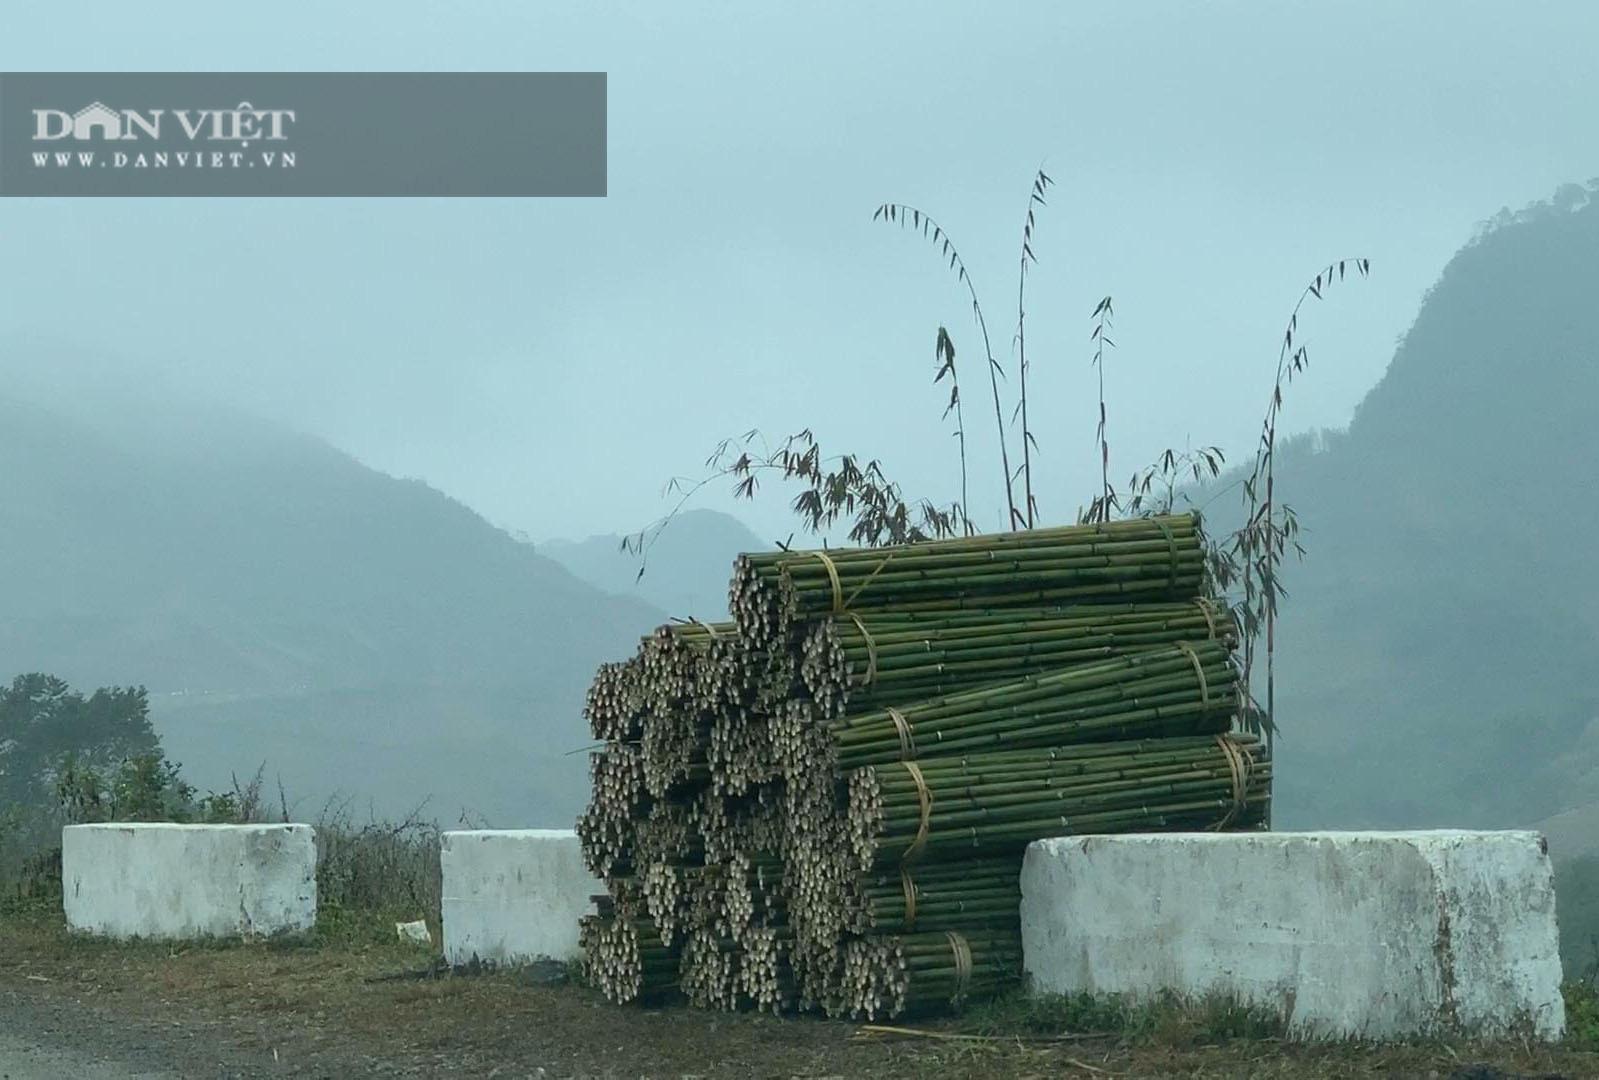 Cao Bằng: Trồng loài cây có đốt, một lần trồng mọc lan cả rừng, nông dân ở đây rủng rỉnh tiền - Ảnh 4.